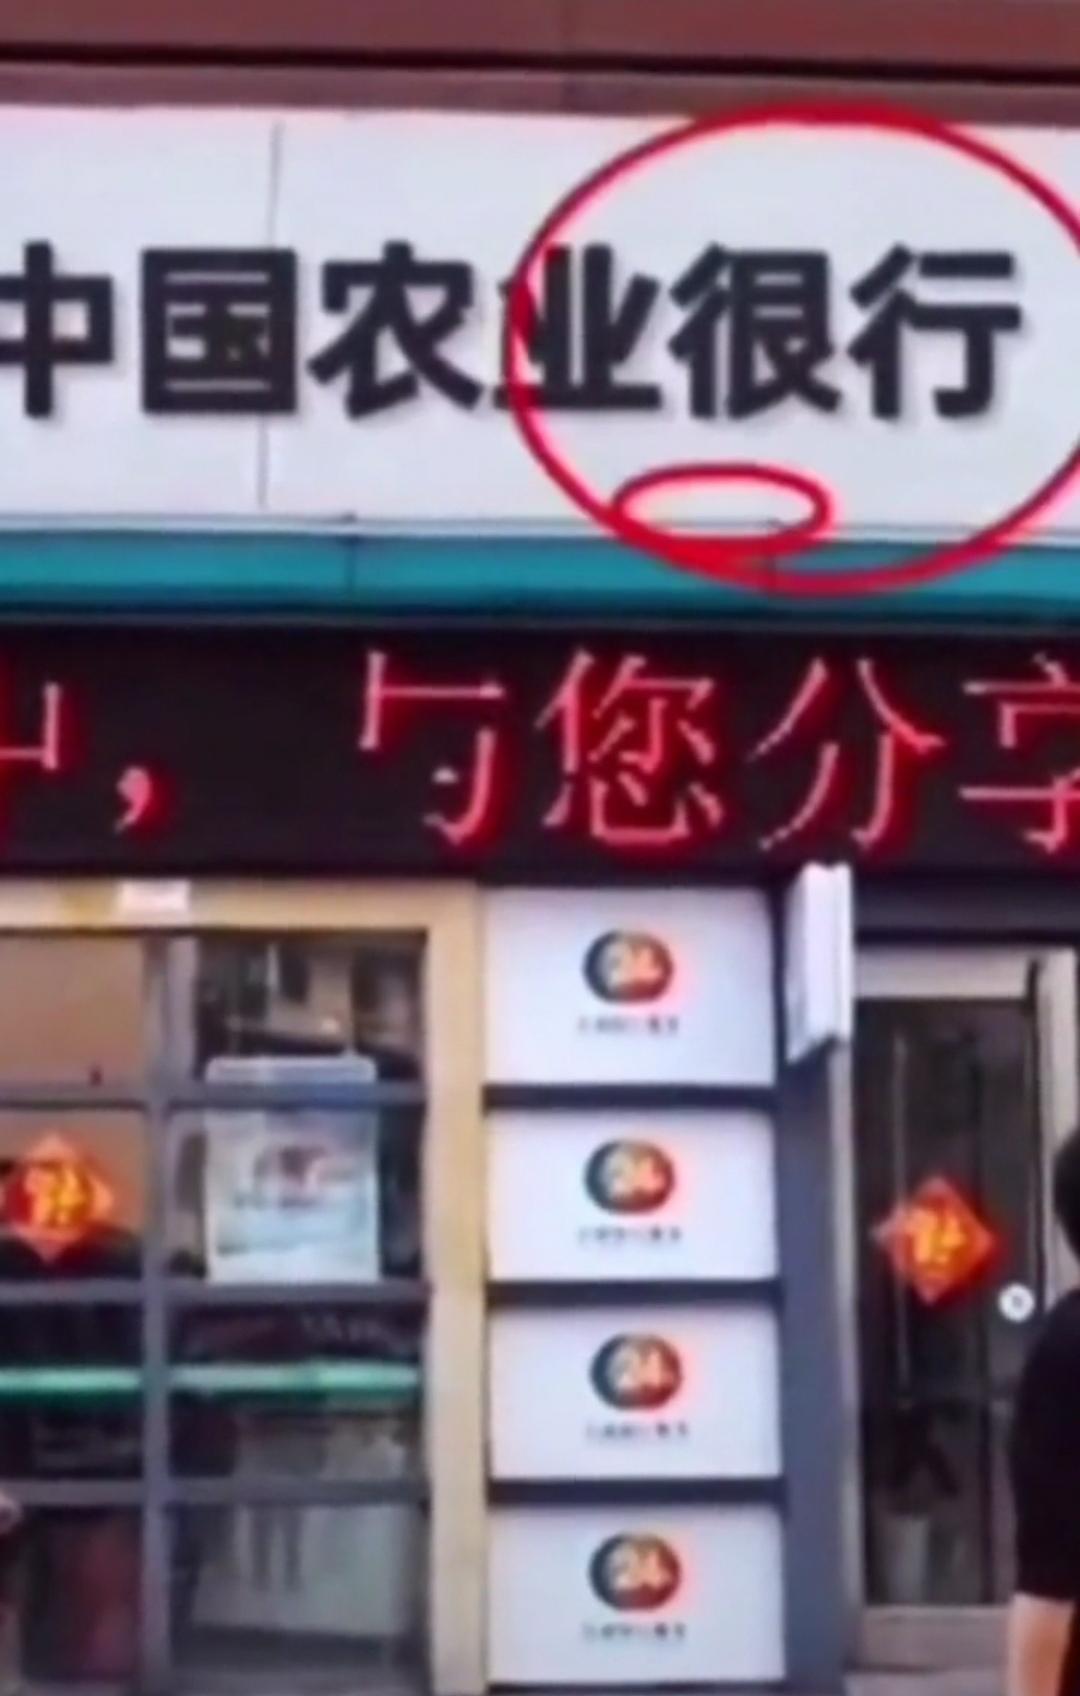 """錯得離譜!""""中國農業銀行""""變成""""中國農業很行"""",銀行改行瞭?-圖3"""